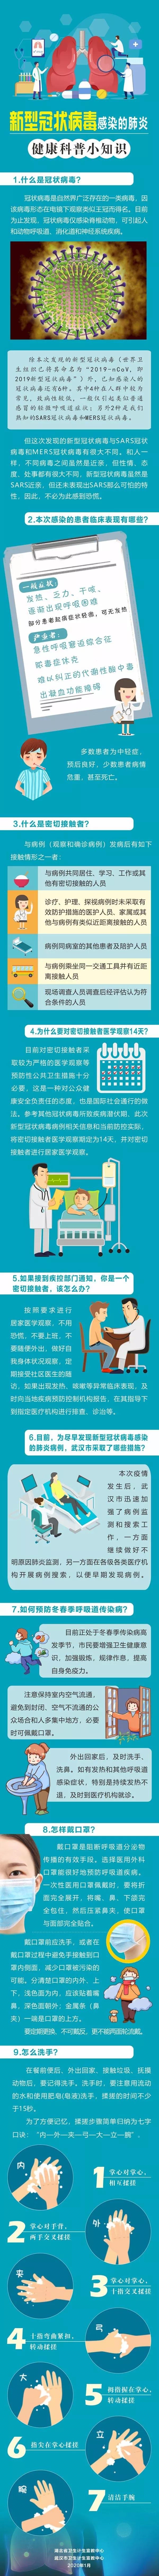 关于石家庄白求恩医学中等专业学校全体师生做好新型肺炎疫情防控工作的重要通知